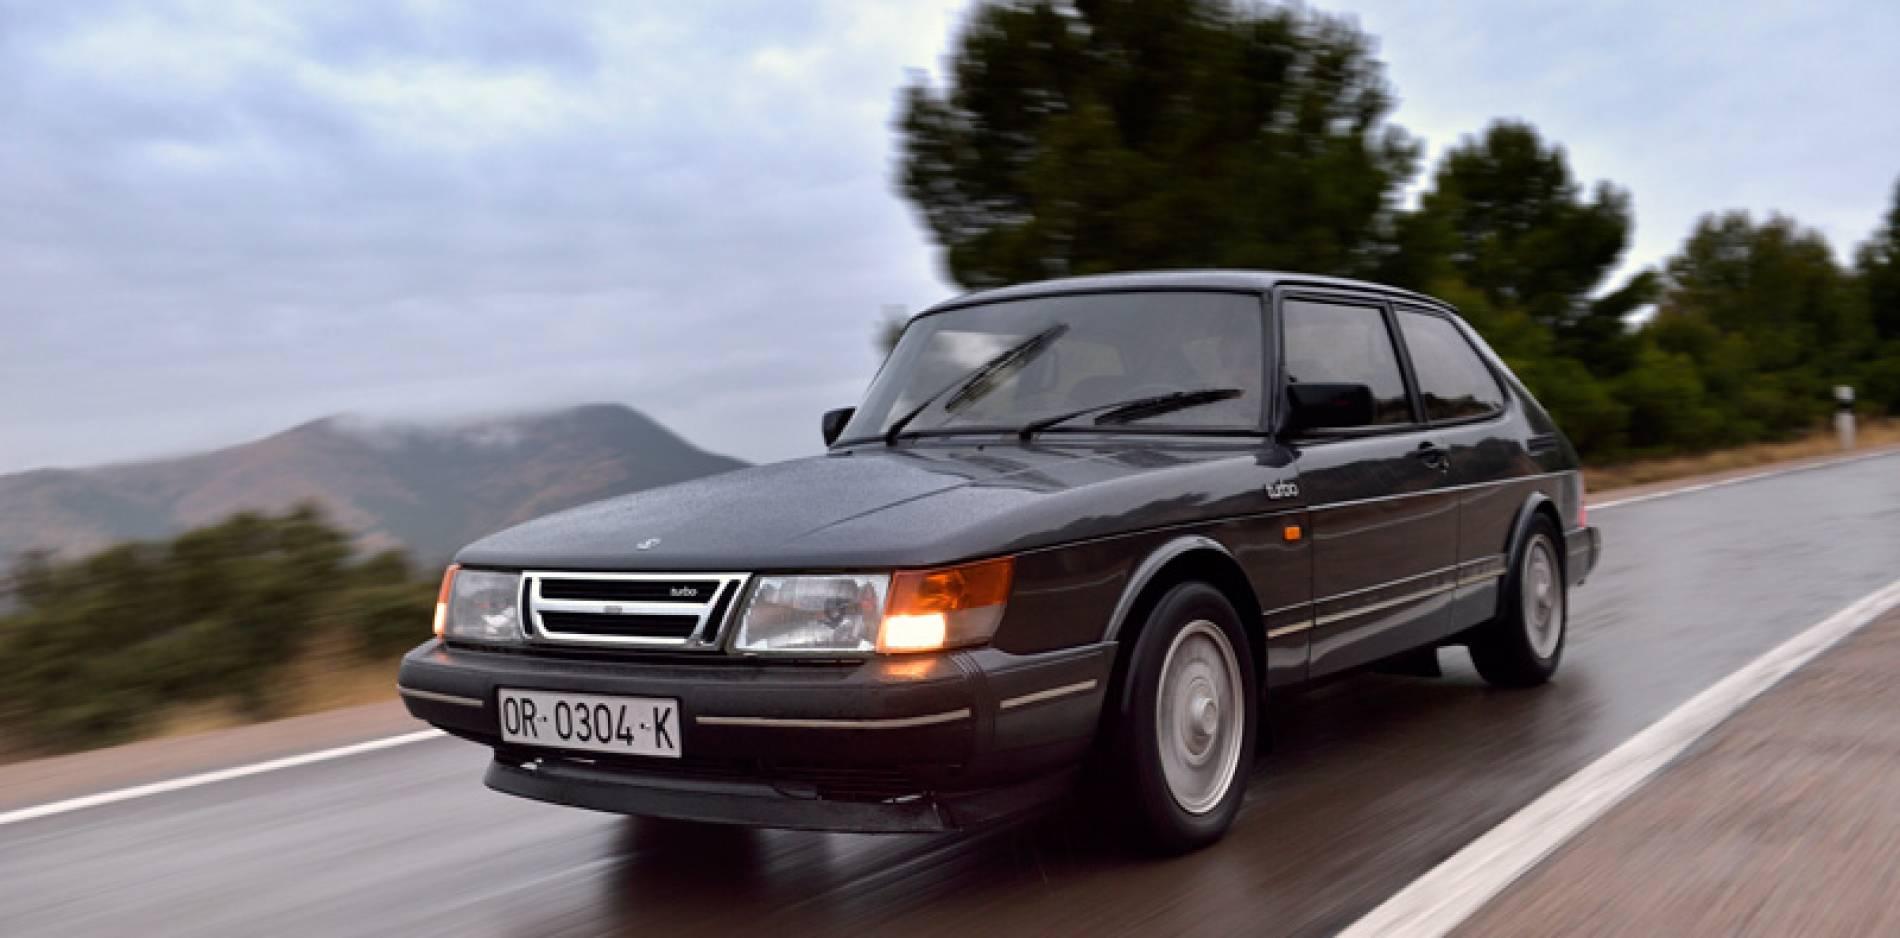 Prueba del Saab 900 Turbo: punta de lanza